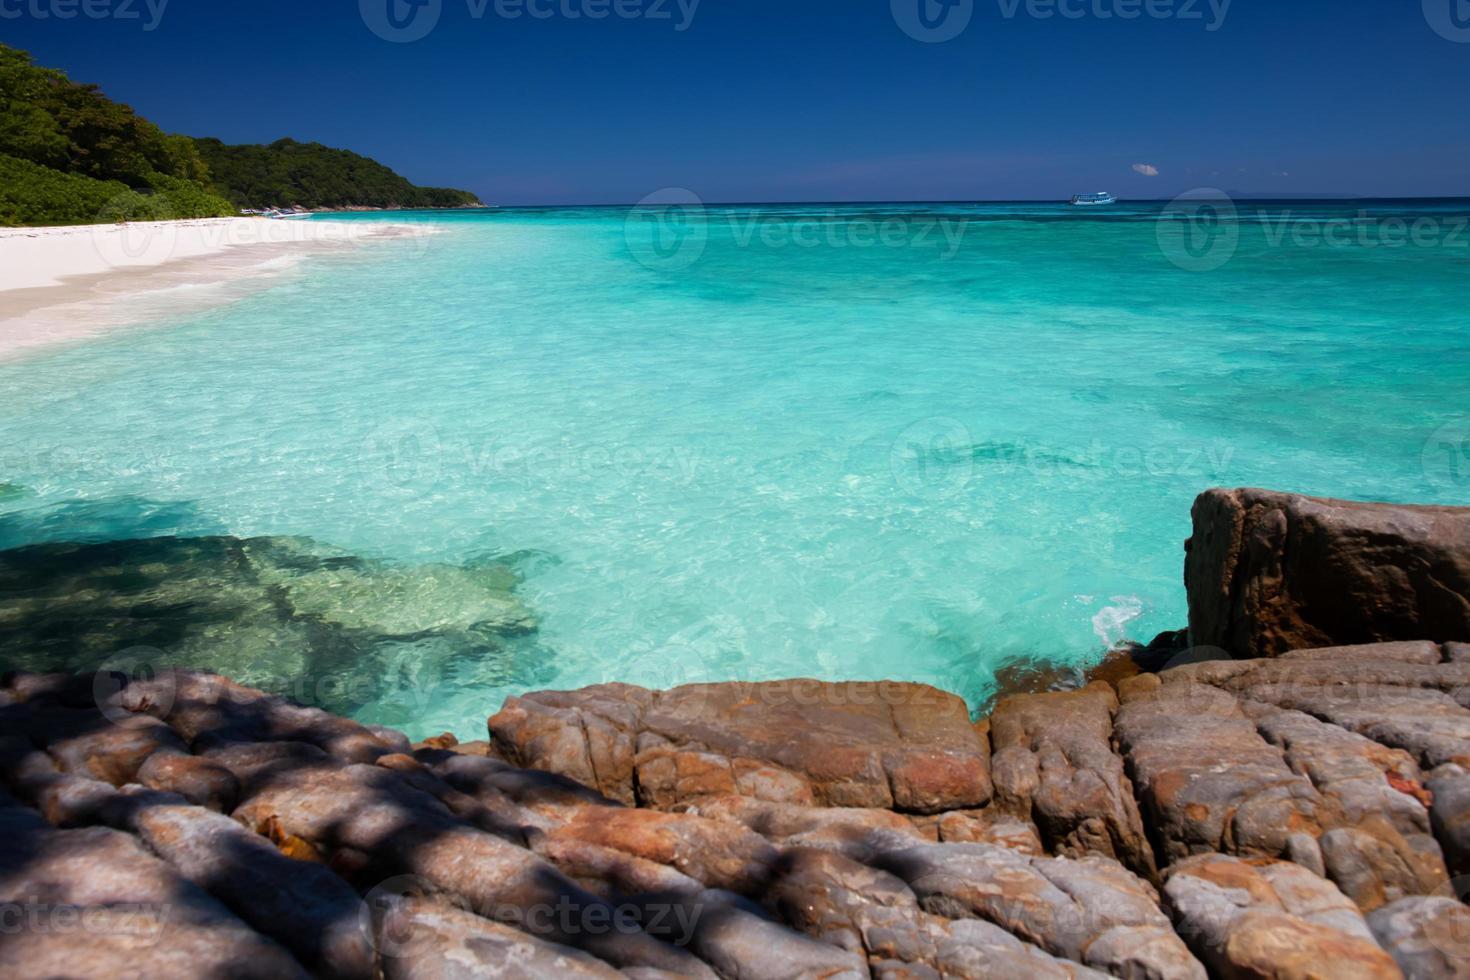 klares Wasser und Felsen am Strand foto